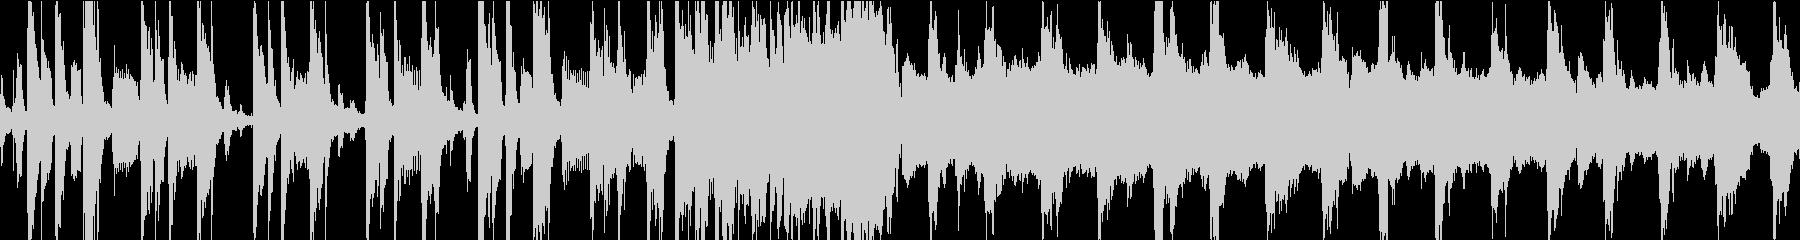 レゲエトラック、伝統的なレゲエリズ...の未再生の波形